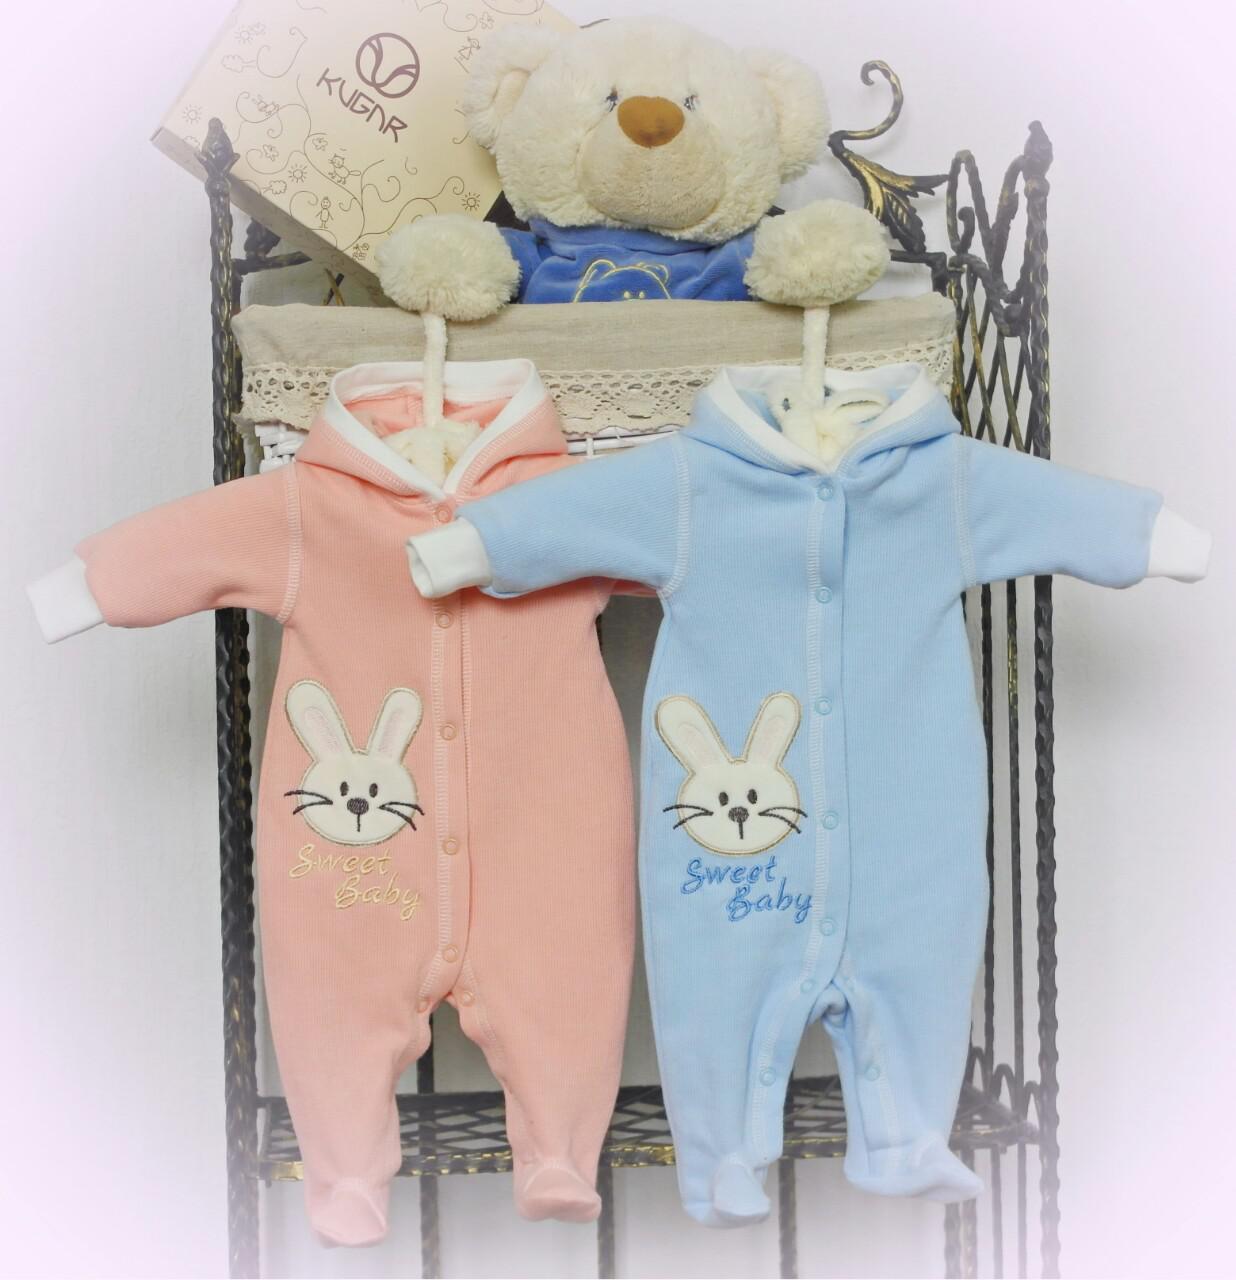 Сбор заказов. Одежда для малышей Kugar, Польша. Утепленные комбинезоны, комбинезоны велюр весна-лето, пледы-конверты